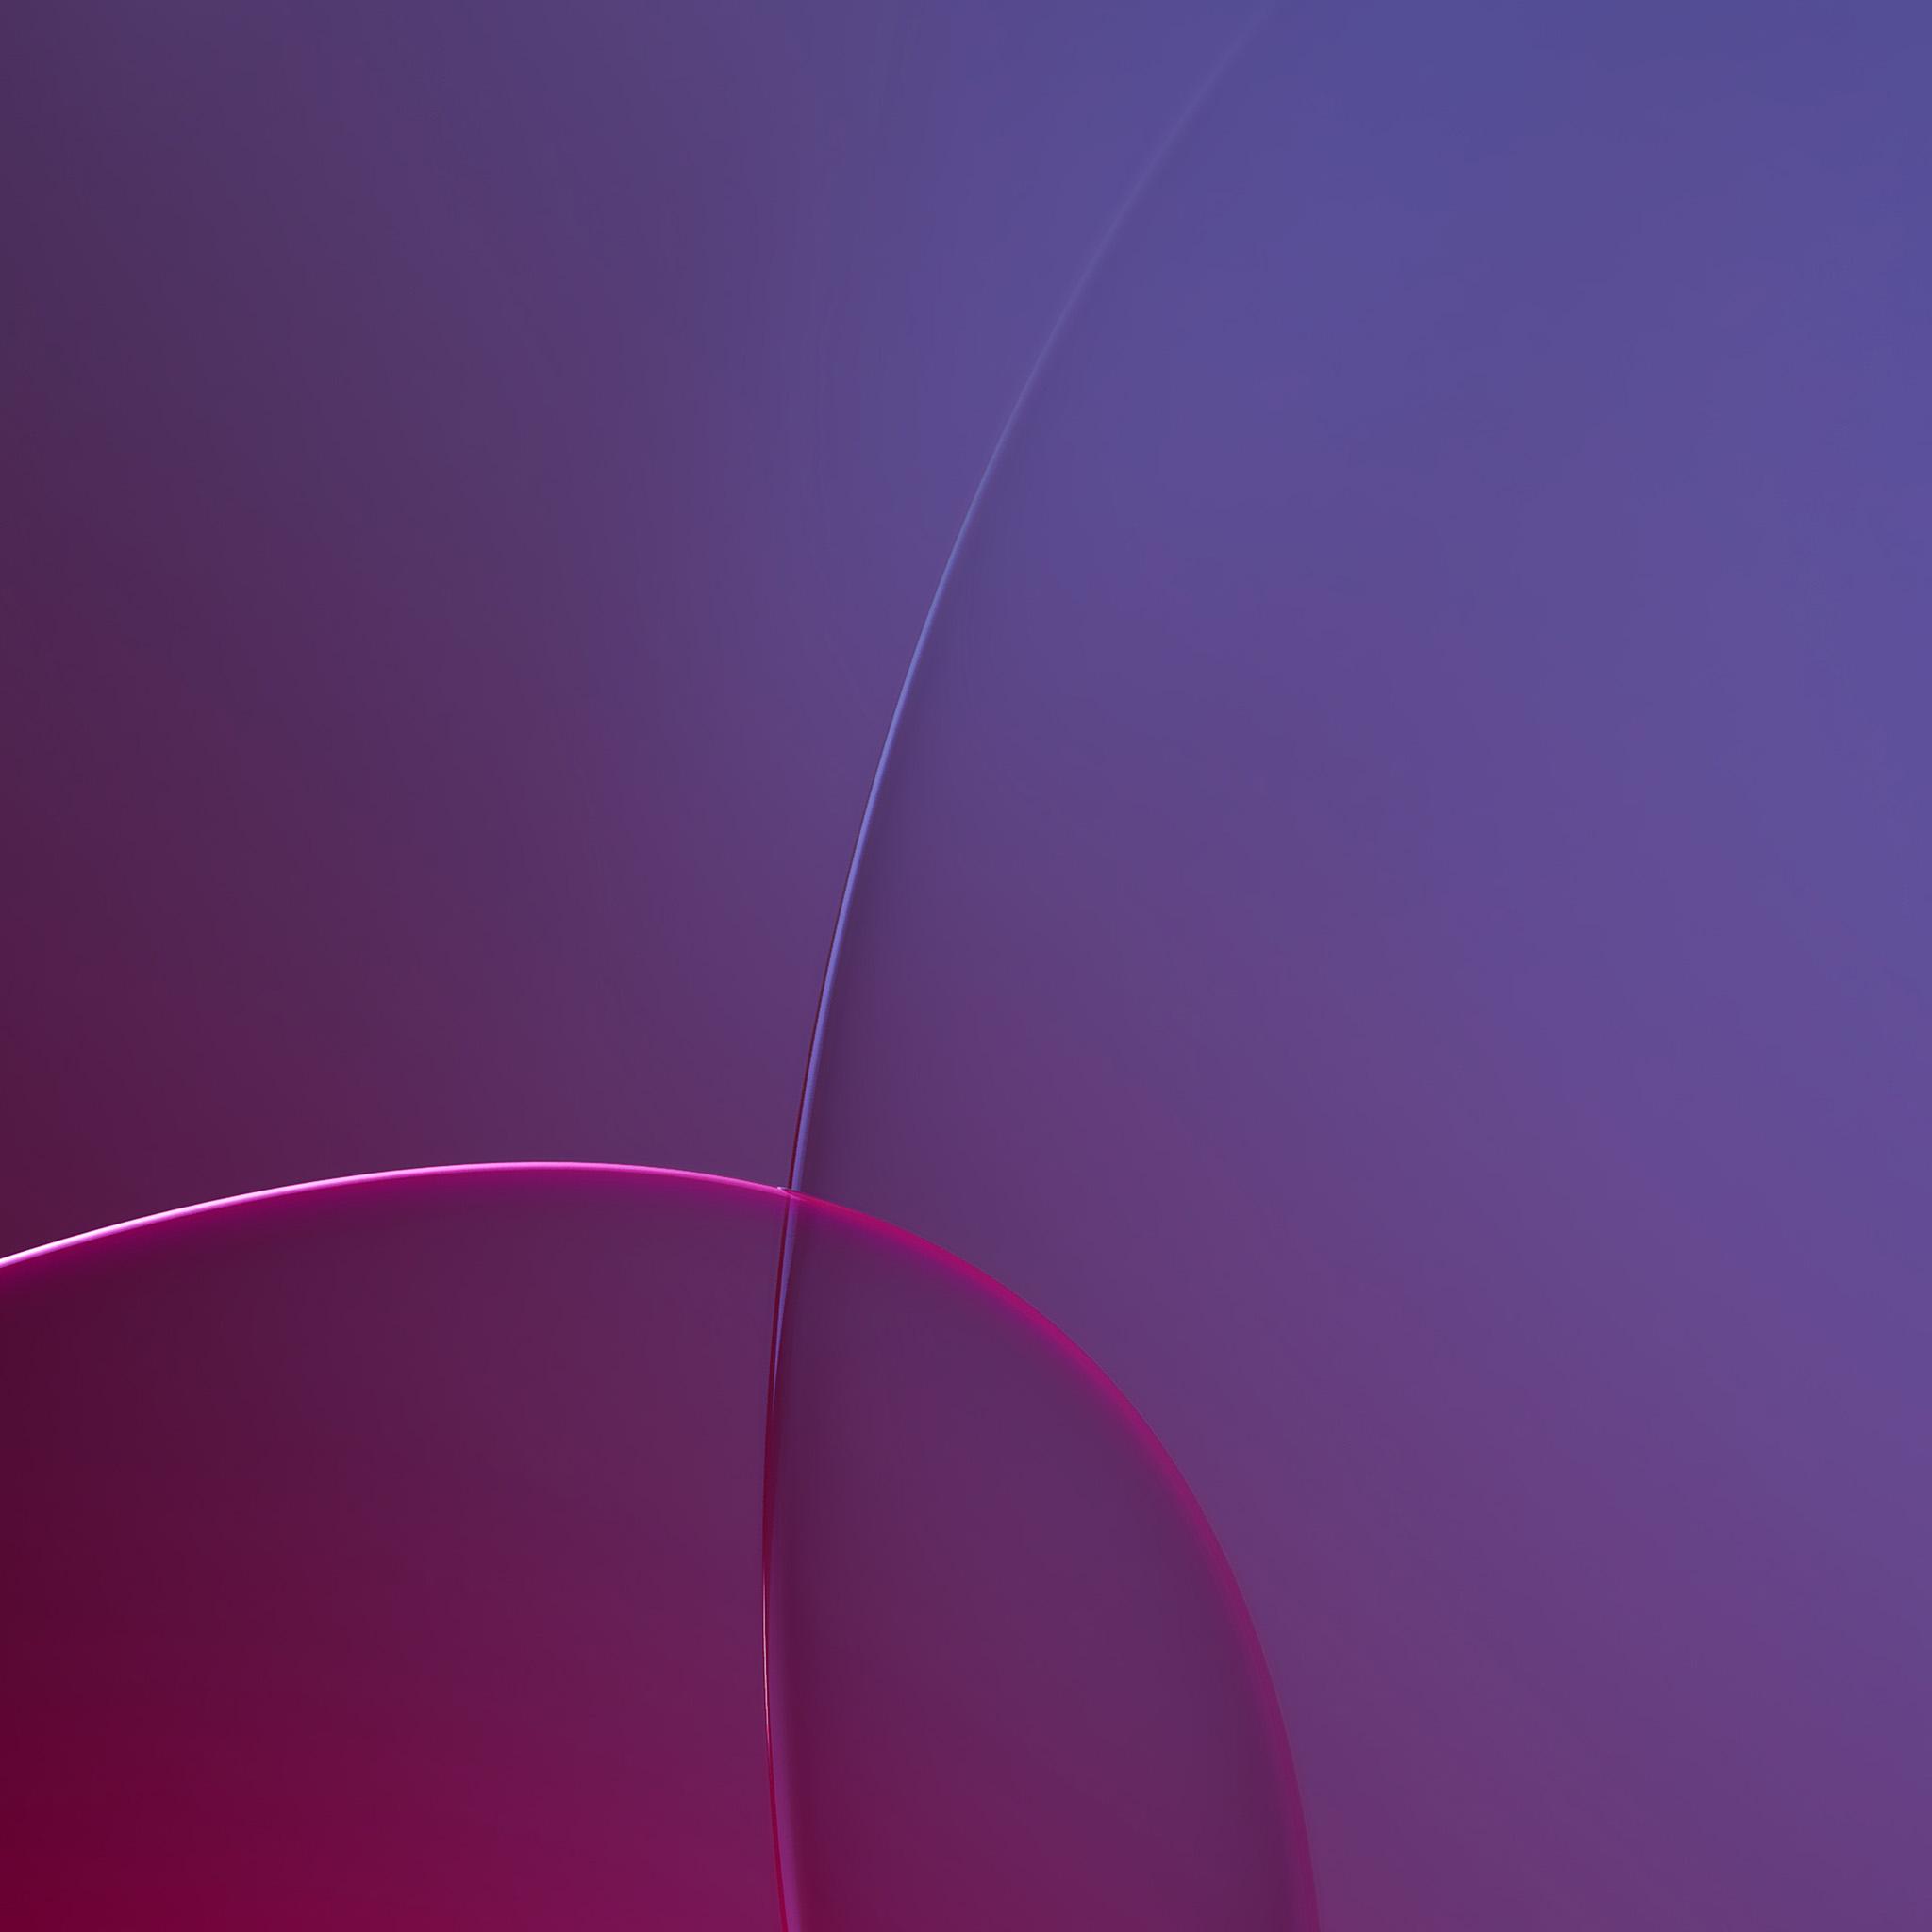 Freeios7 Vj64 Lg G4 Wall Art Blue Purple Pattern Parallax Hd